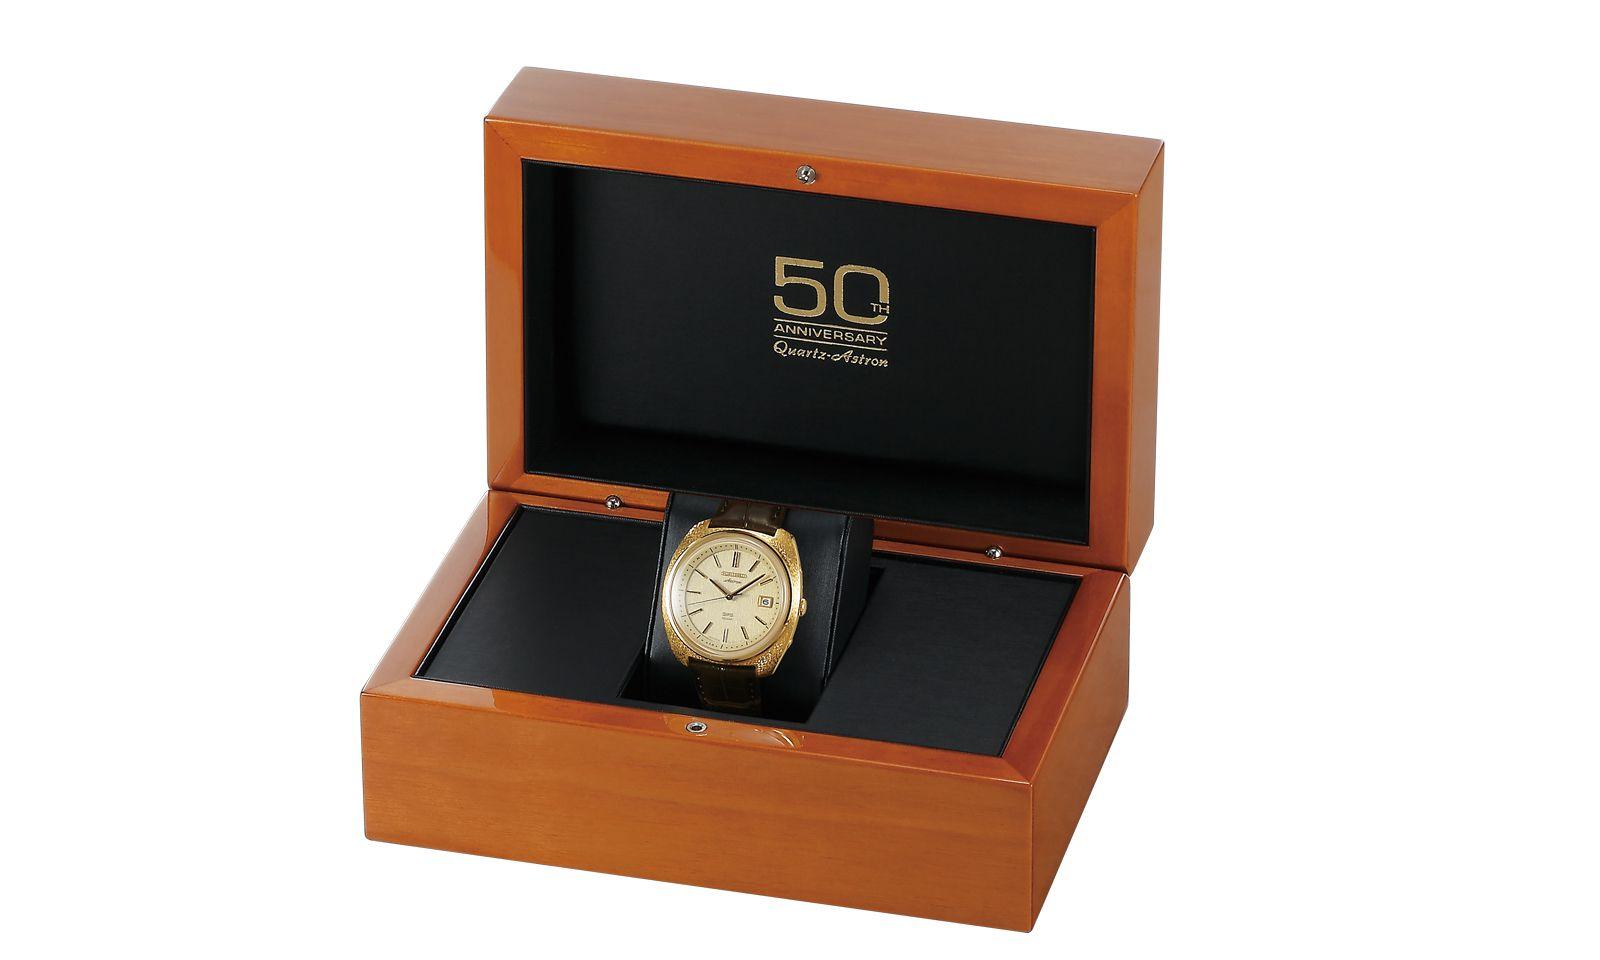 Gut verpackt. Die Luxusquarzuhr kommt in einer Holzbox mit Jubiläumslogo.